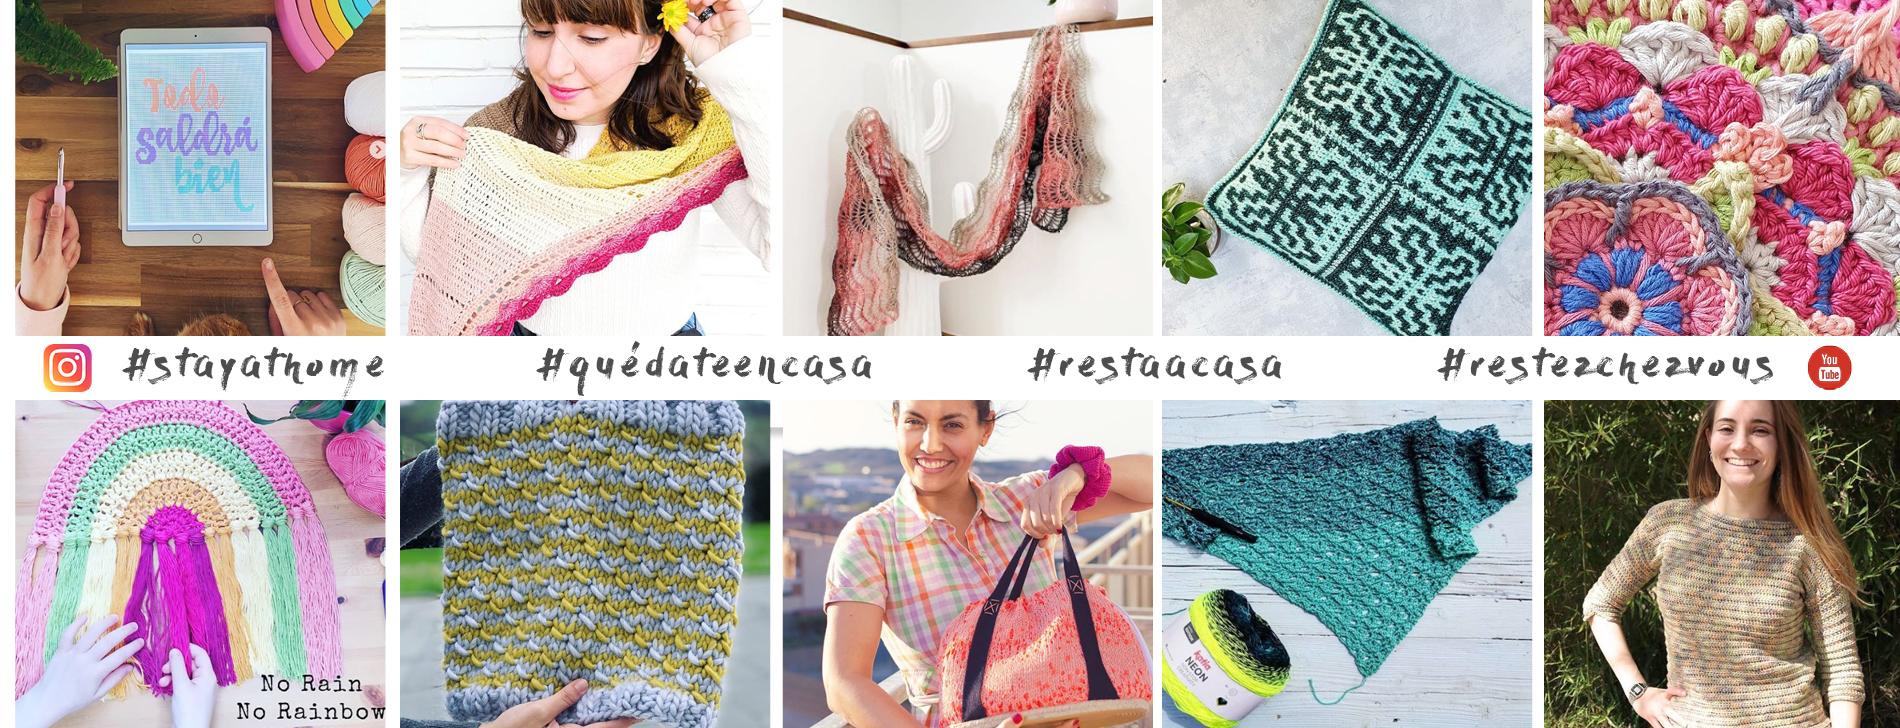 #knitathome-#crochetathome-zu-Hause-bleiben-und-stricken-häkeln